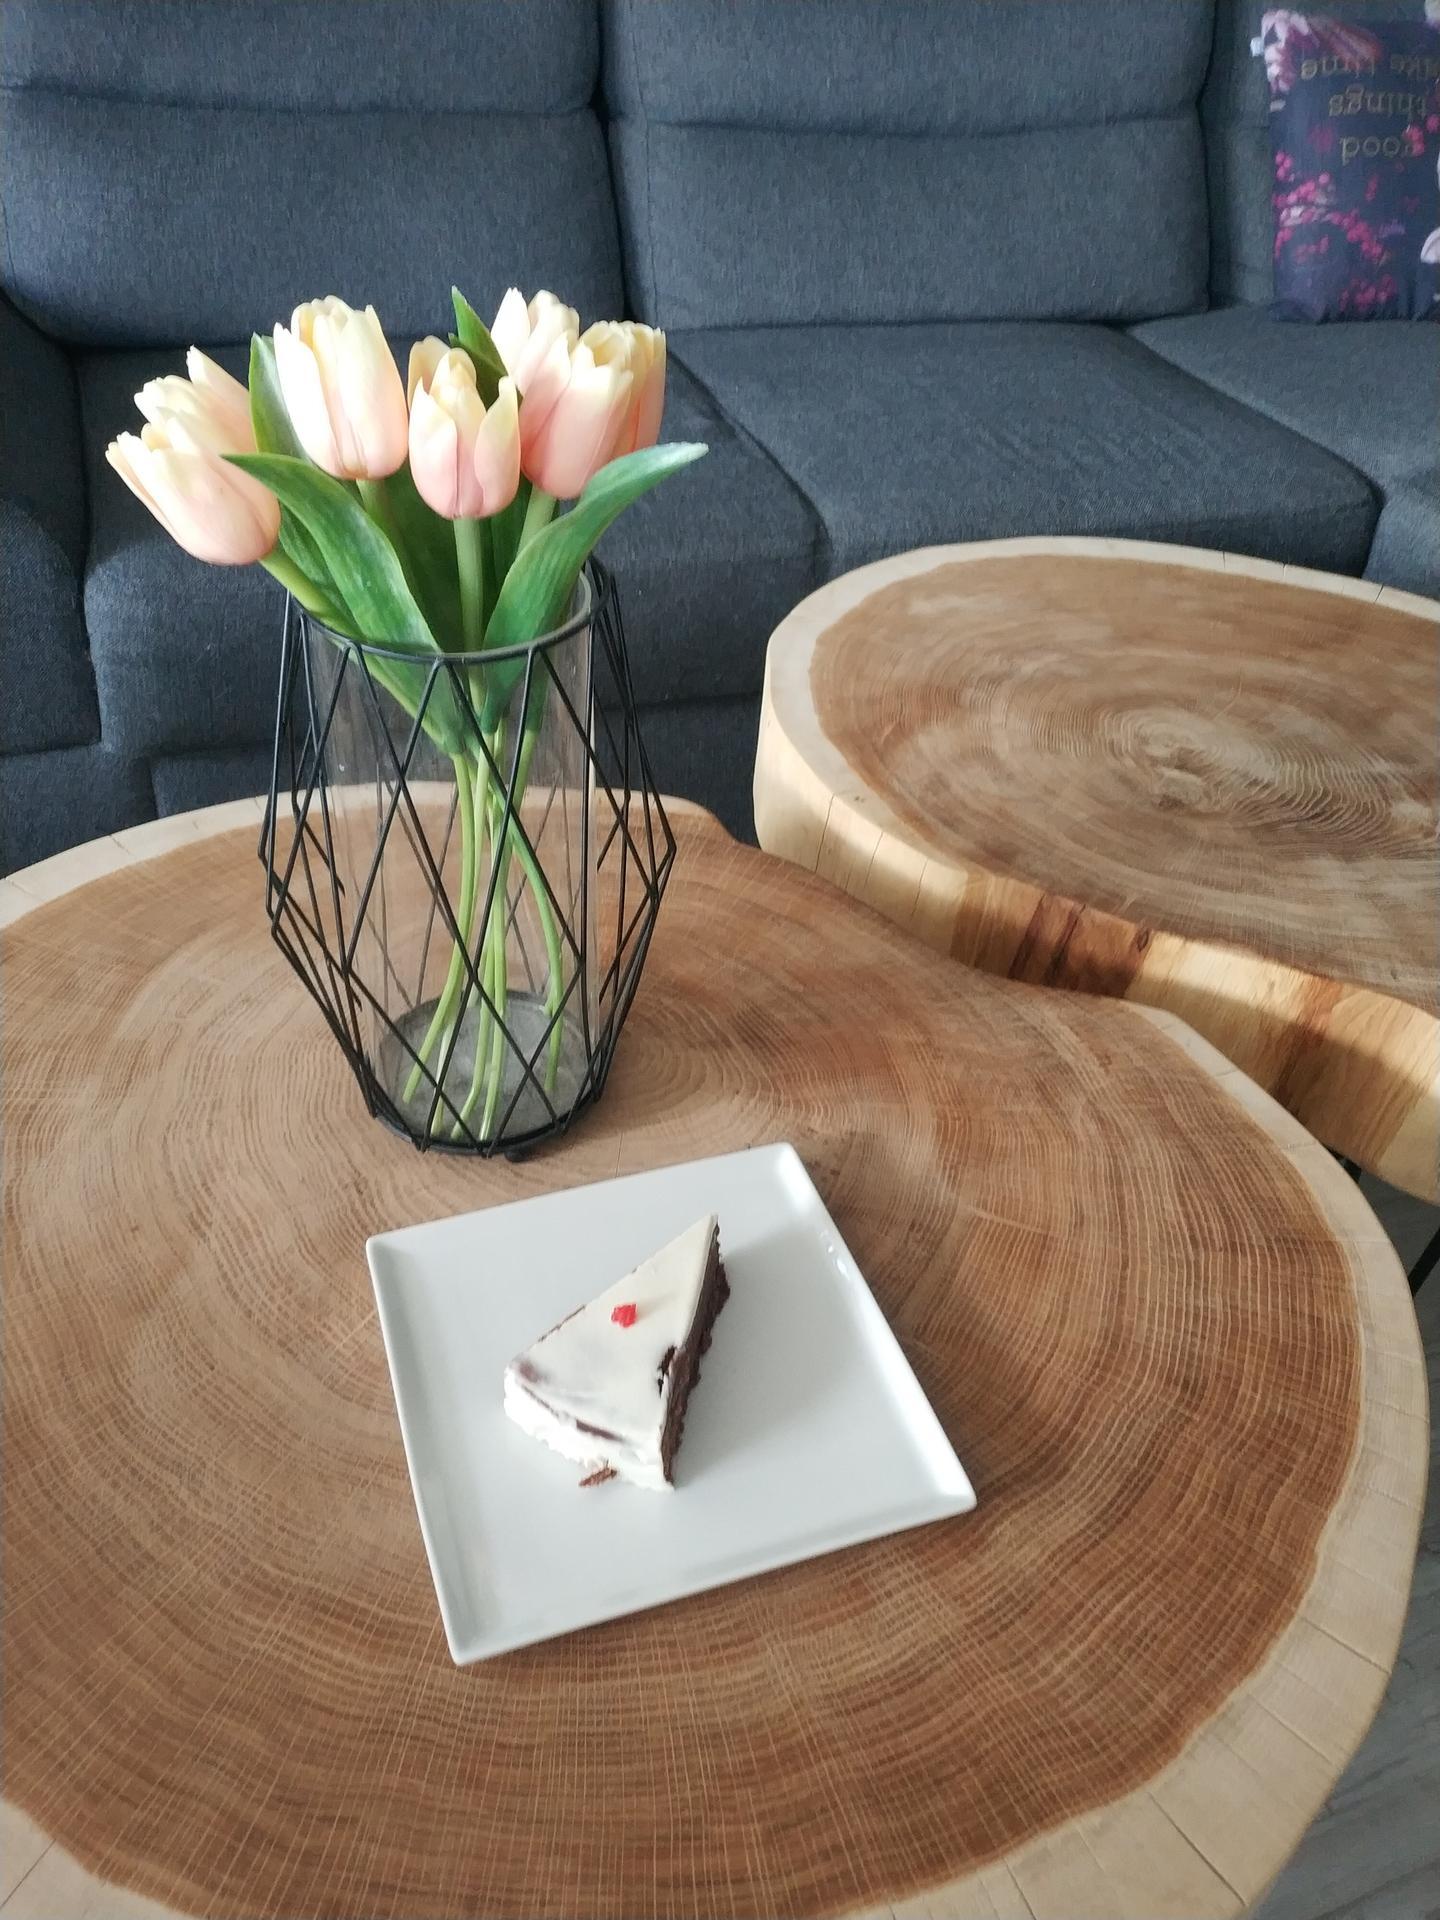 Nové stolky od taťky #handmade ♥️♥️♥️ - Obrázek č. 2